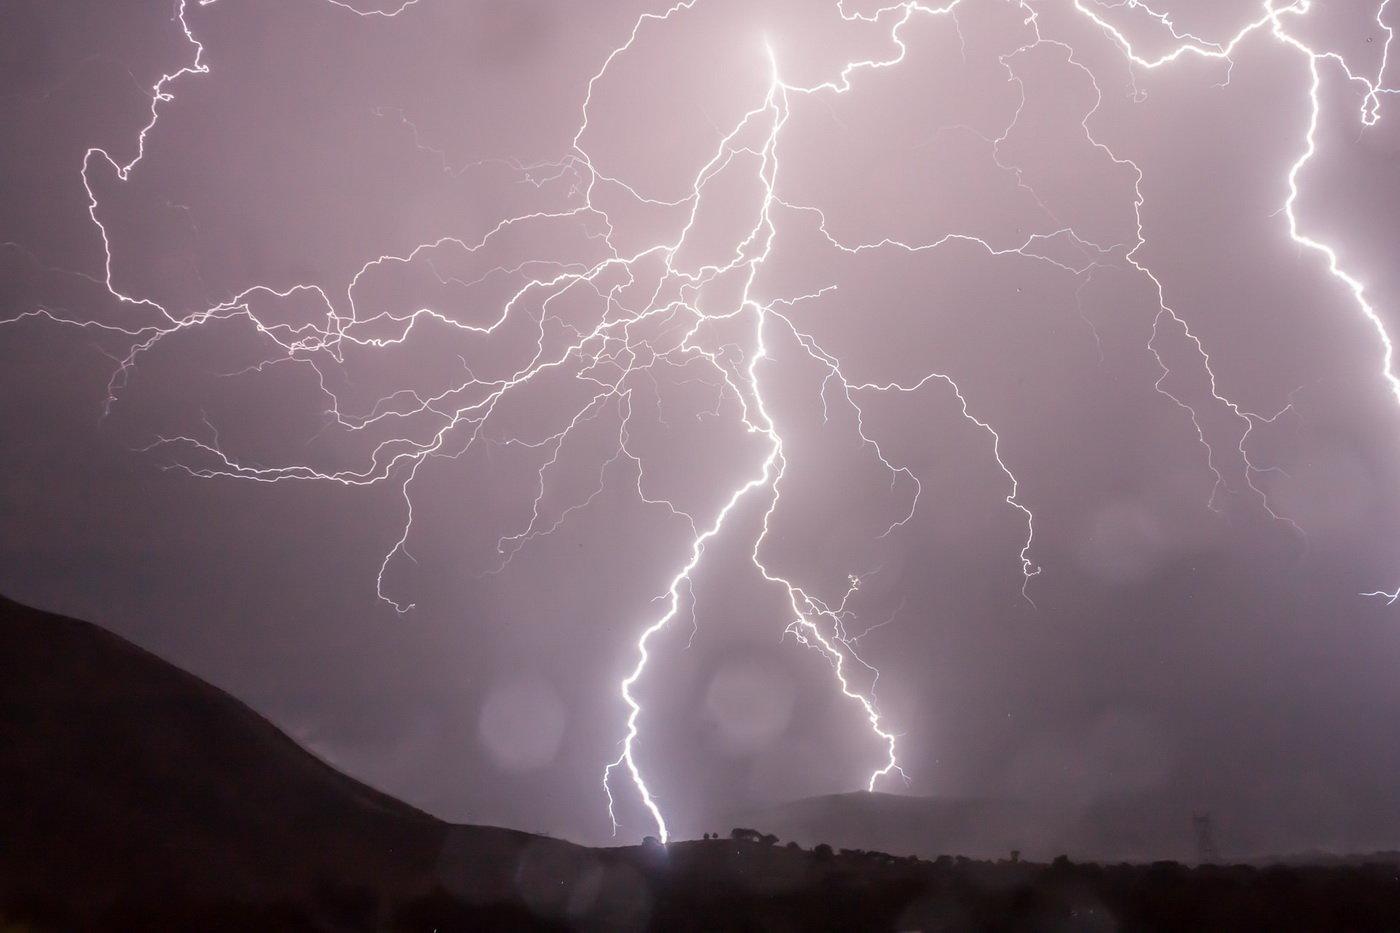 Výstraha ČHMÚ: Do Česka se vrátí silné bouřky! Doprovázet je bude silný vítr